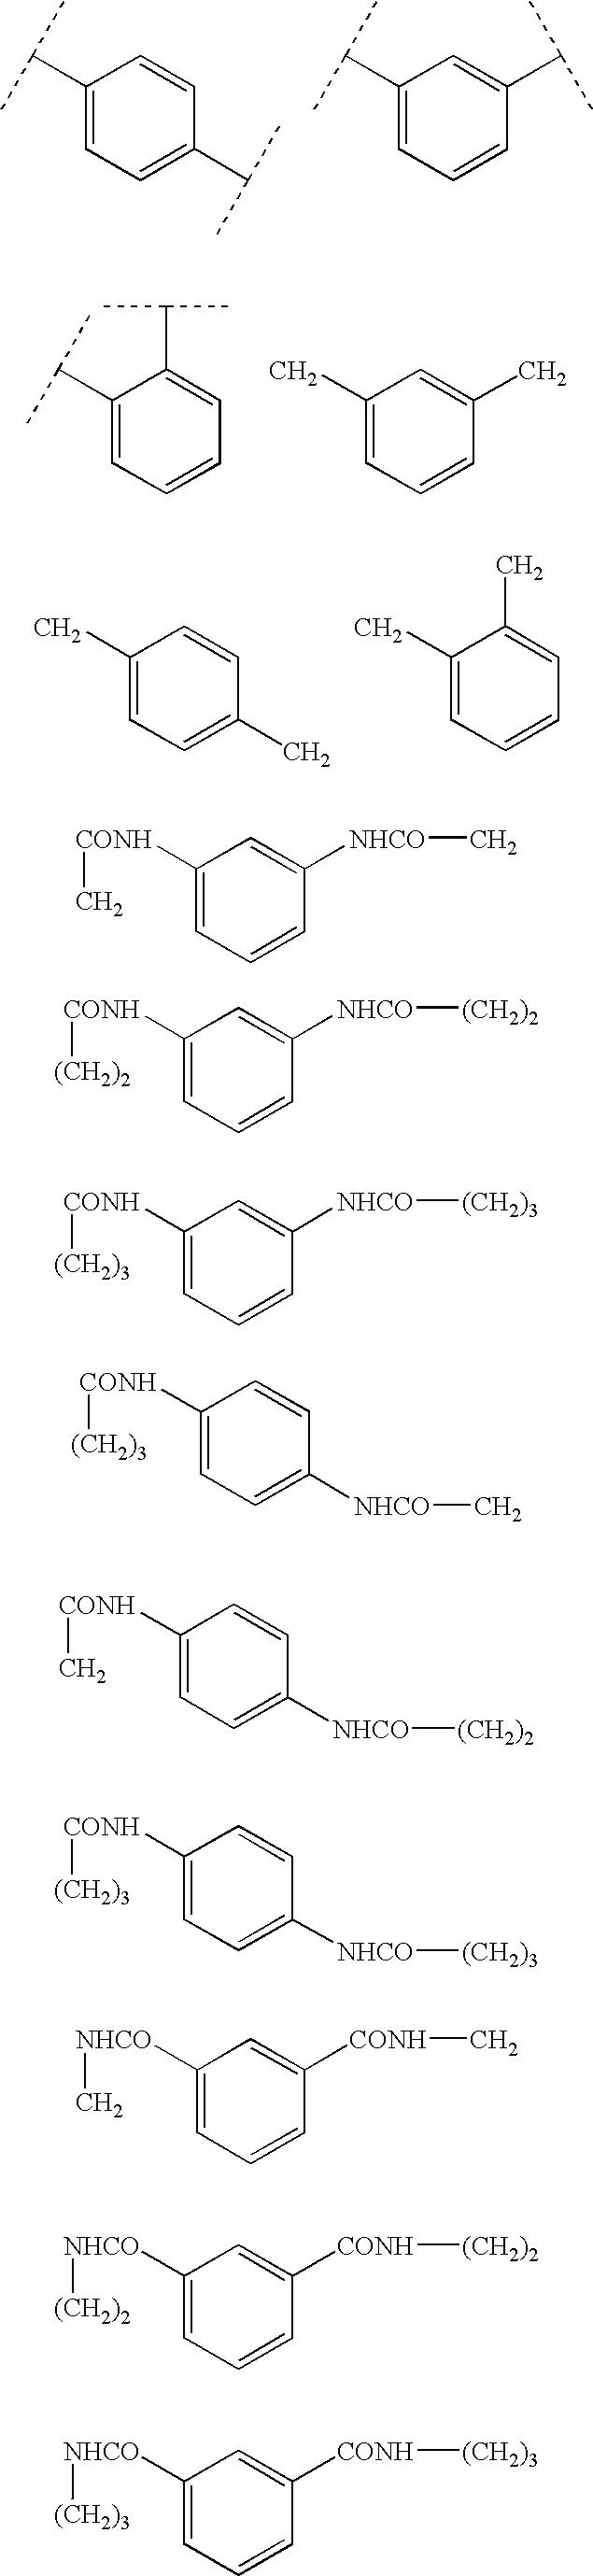 Figure US20050005368A1-20050113-C00008